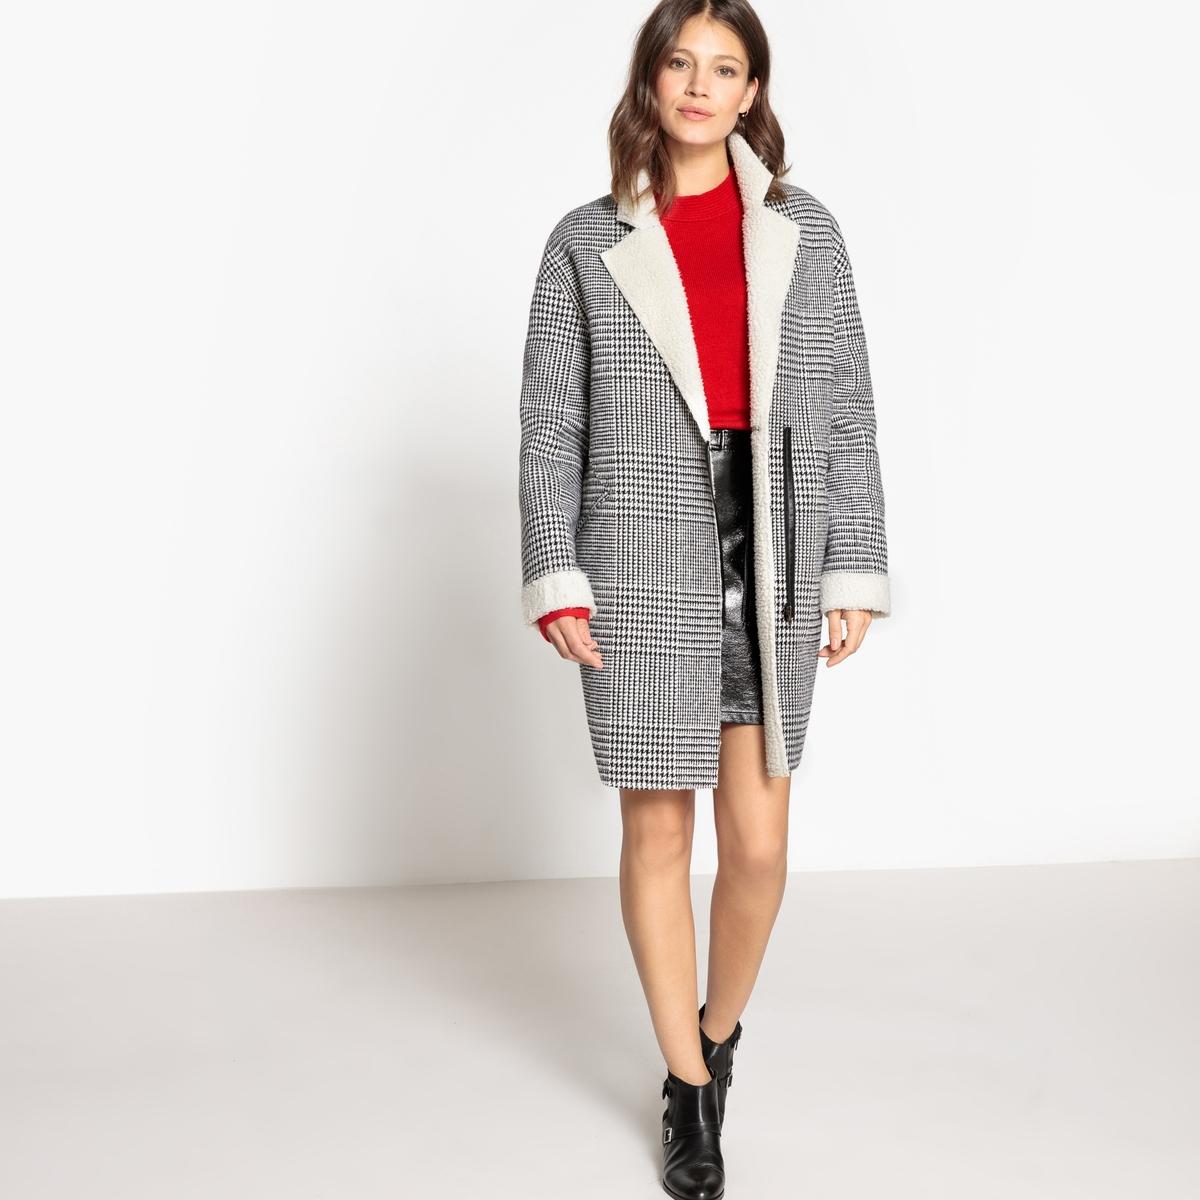 Пальто в клетку на подкладкеОписание:Мягкое женское пальто в клетку на подкладке из искусственного меха под мутон . V-образный вырез с небольшой застежкой на молнию . 2 прорезных кармана + 1 карман на молнии .Детали •  Длина : средняя •   V-образный вырез •  Рисунок в клетку •  Застежка на молниюСостав и уход •  12% шерсти, 15% акрила, 3% других волокон, 3% полиамида •  Следуйте рекомендациям по уходу, указанным на этикетке изделия •  Длина : 91,5 см<br><br>Цвет: в клетку черный/ белый